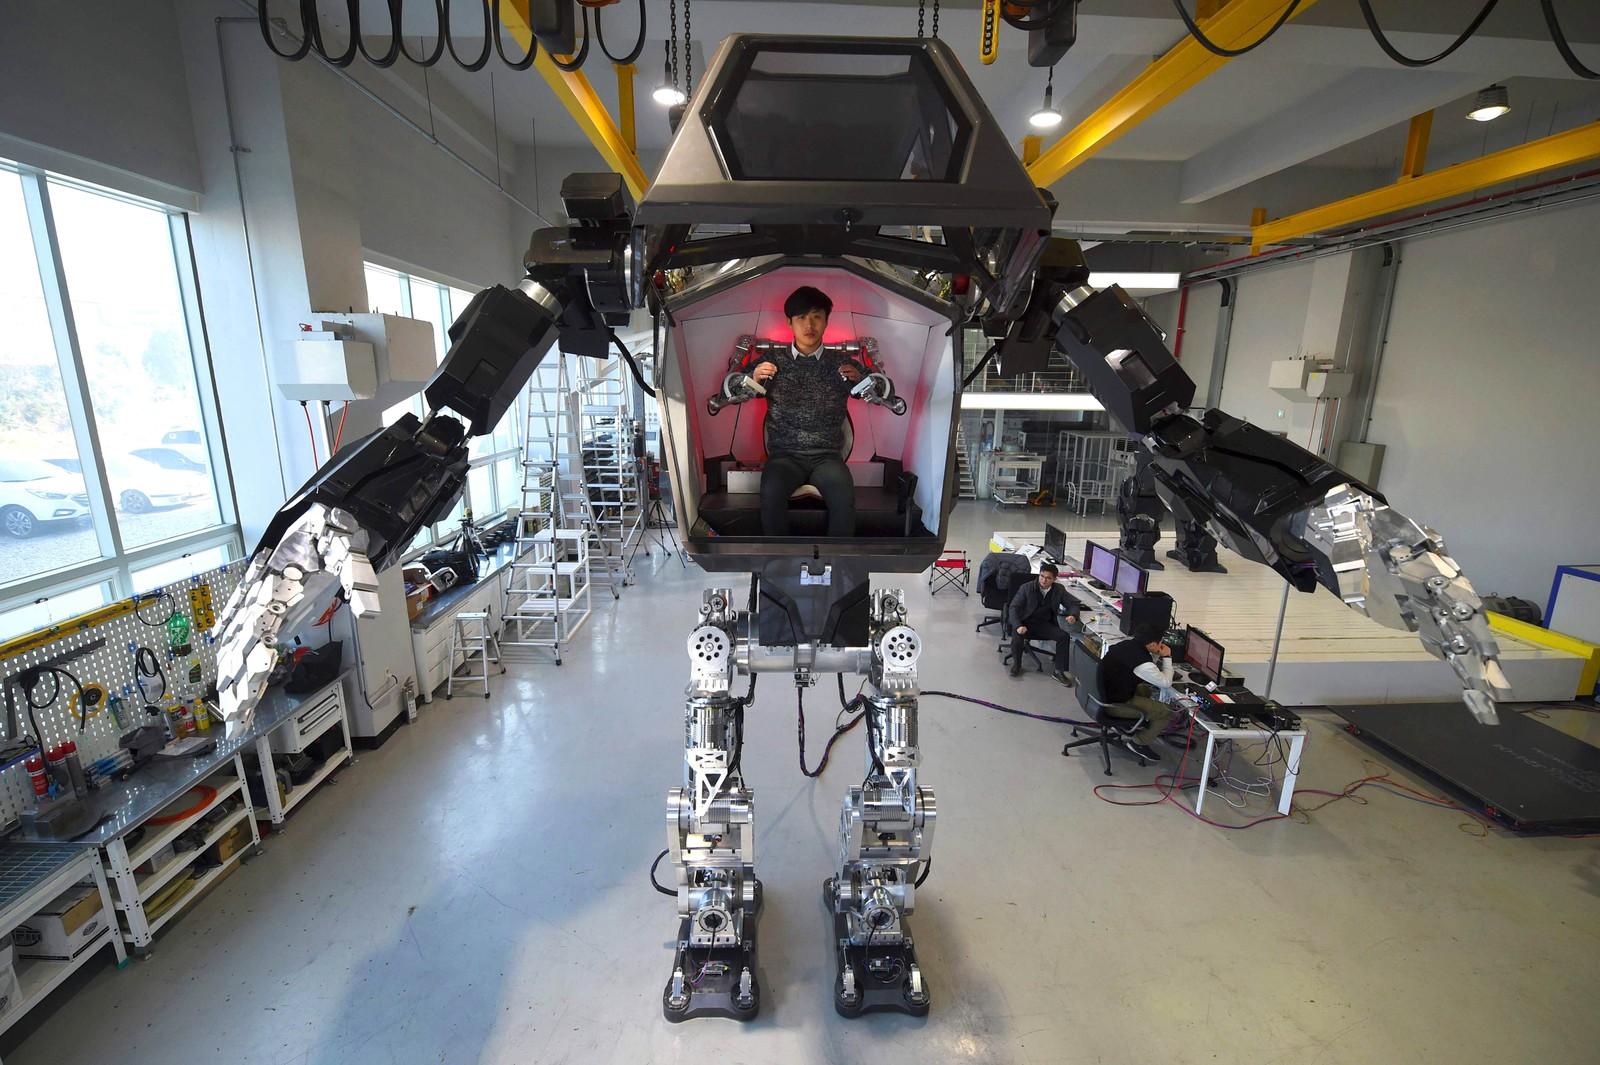 Ingeniører tester en fire meter høy humanoid kalt Method-2 i et laboratorium sør for Seoul i Sør-Korea.